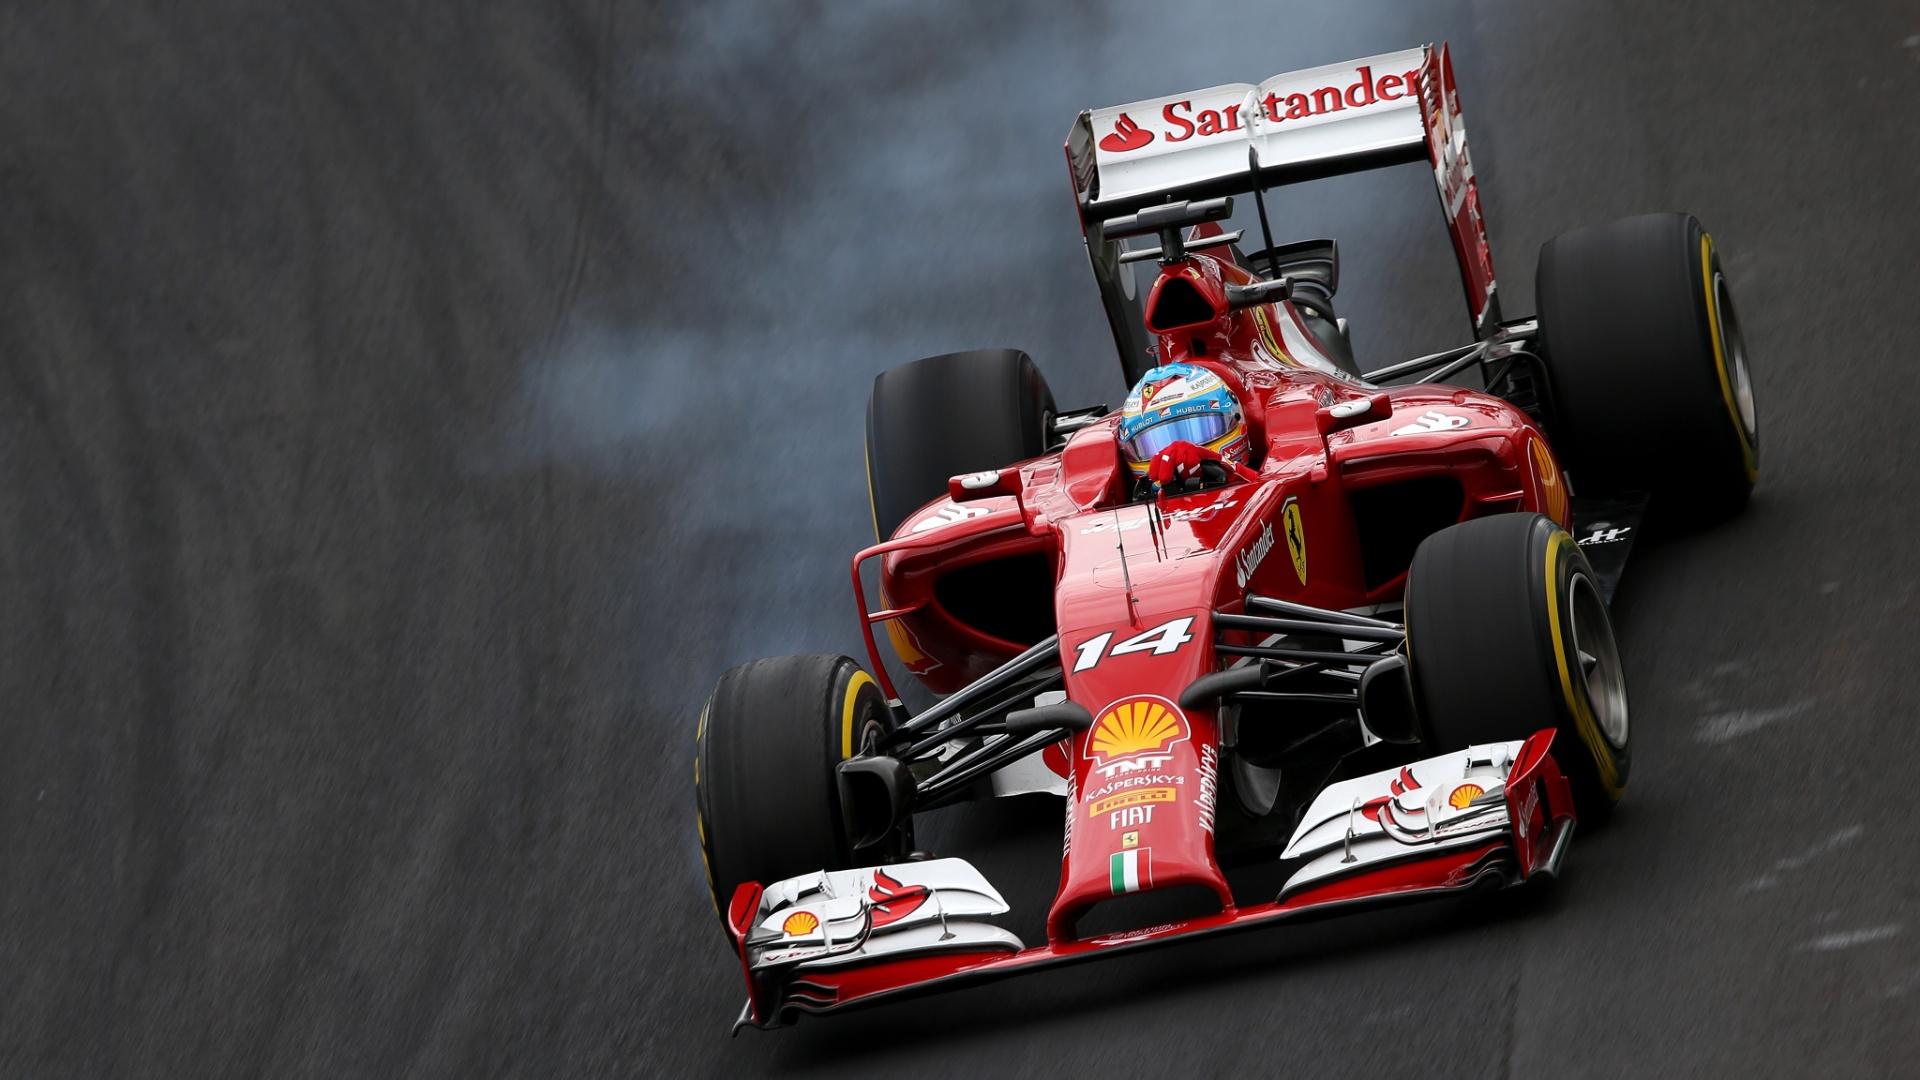 Fernando Alonso frita pneu durante sua tentativa de volta rápida em Interlagos. Espanhol sai em oitavo